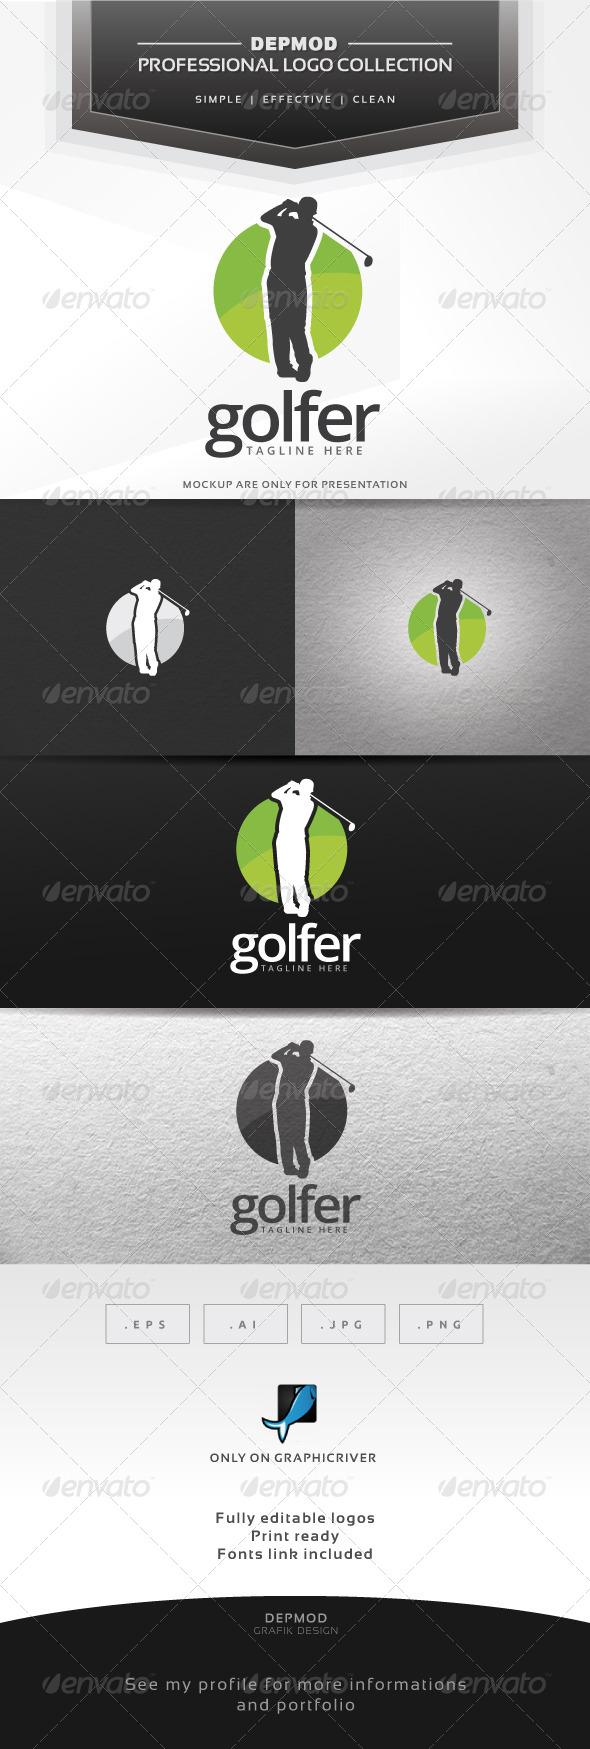 GraphicRiver Golfer Logo 7508352